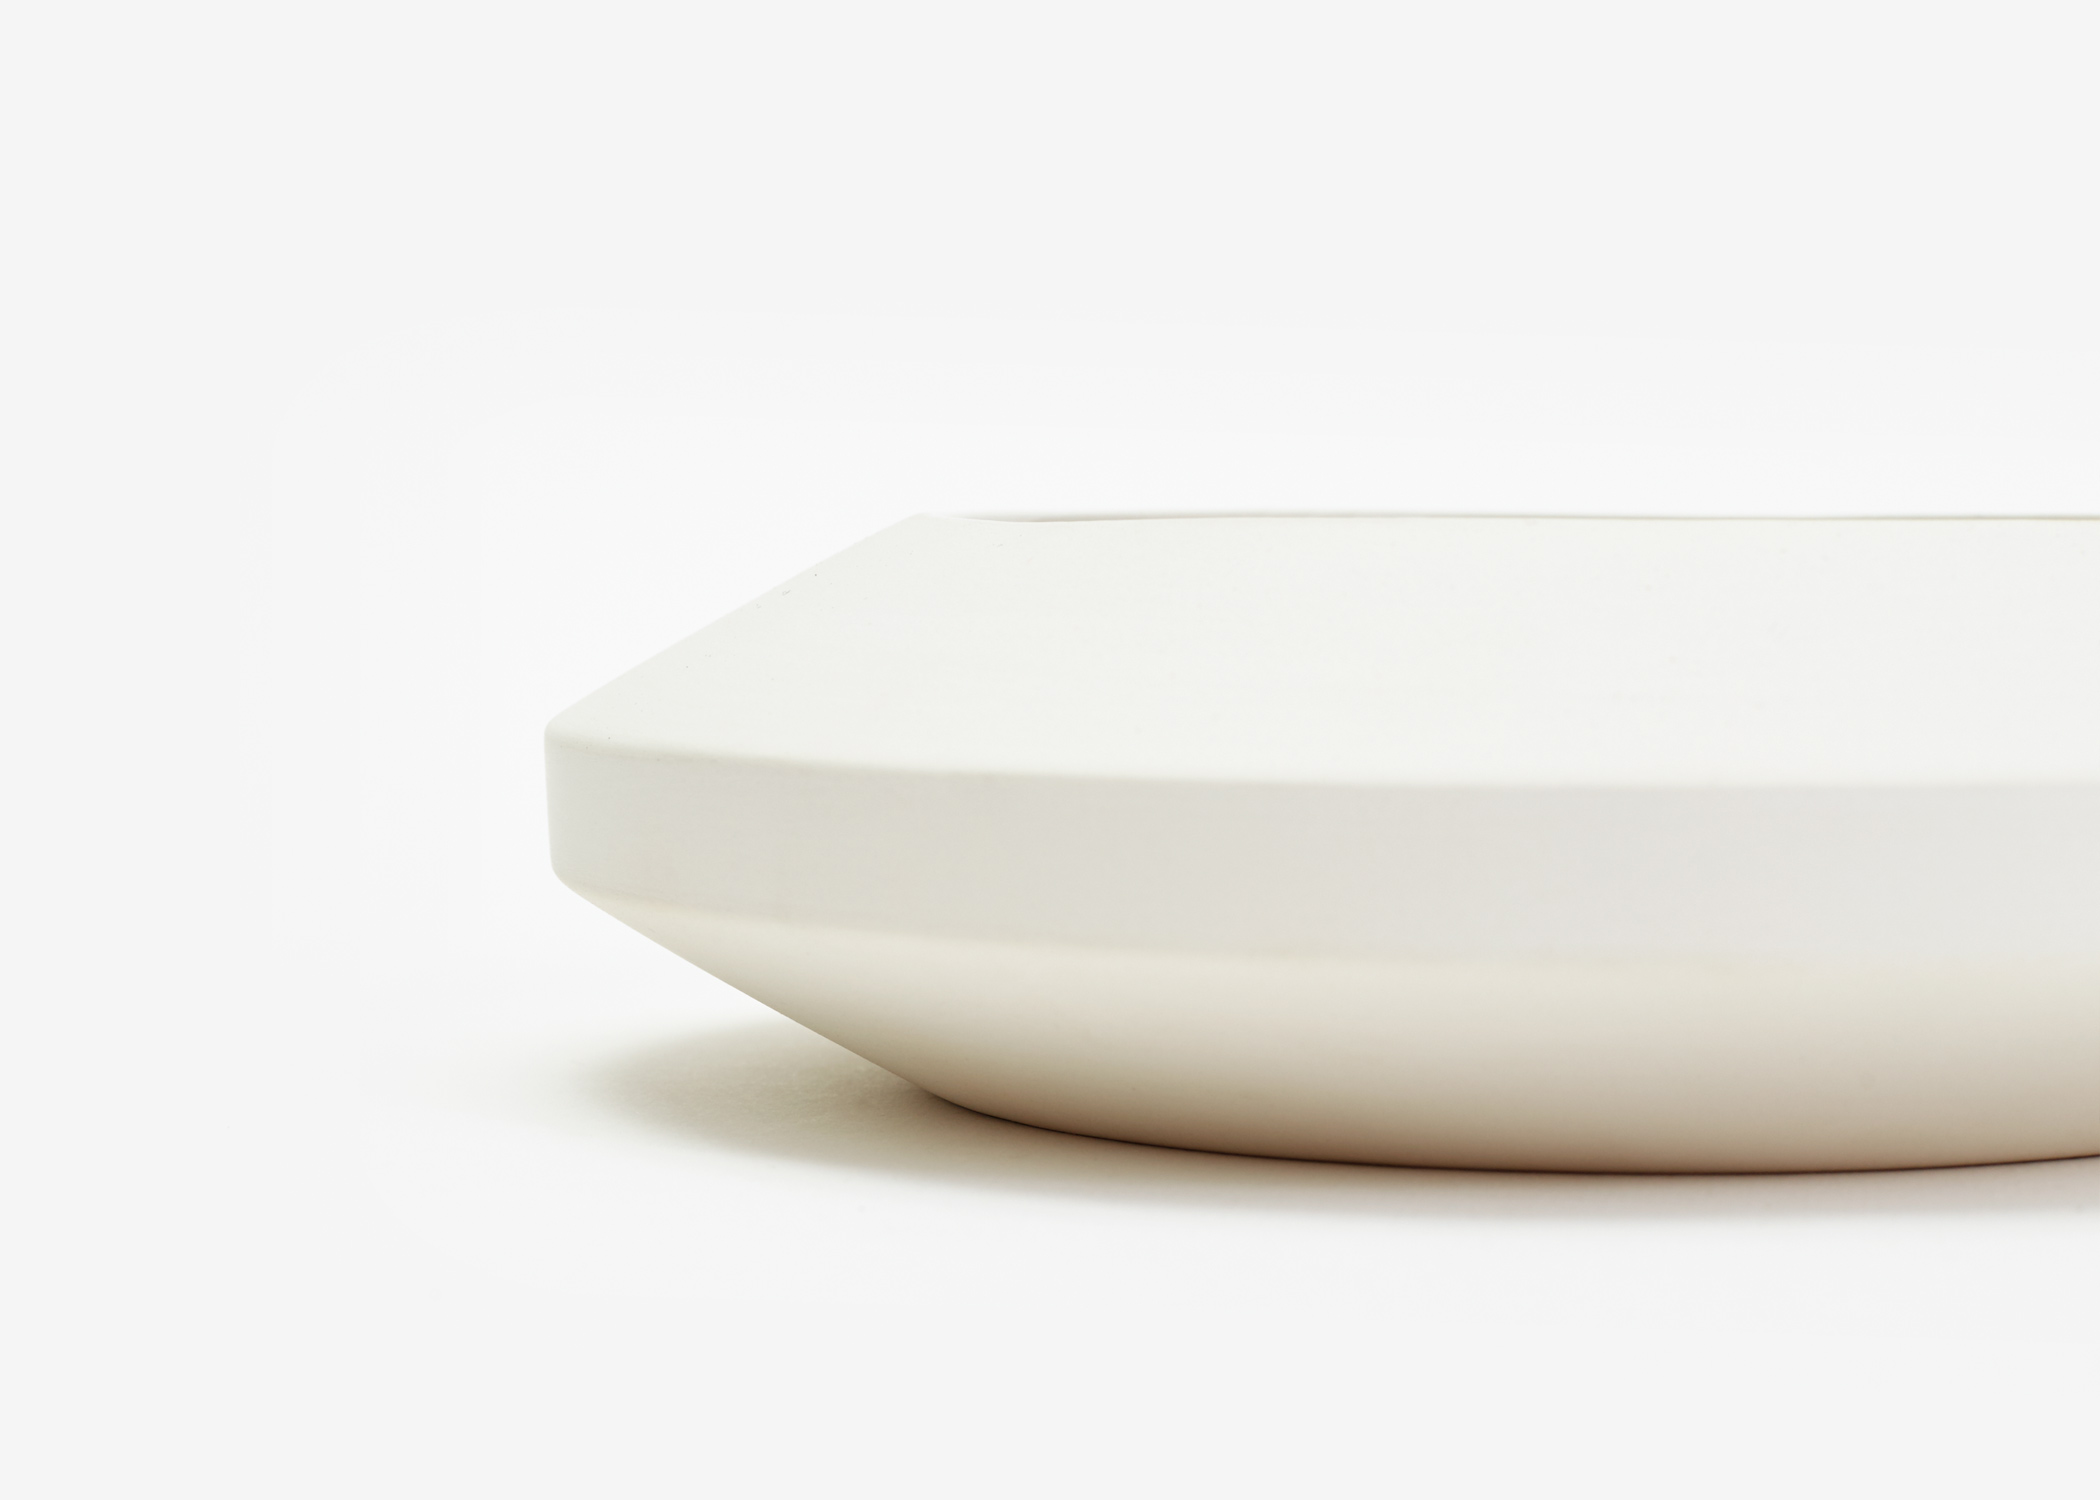 POS_RadialVessel-dish-silo-04-PORD.jpg